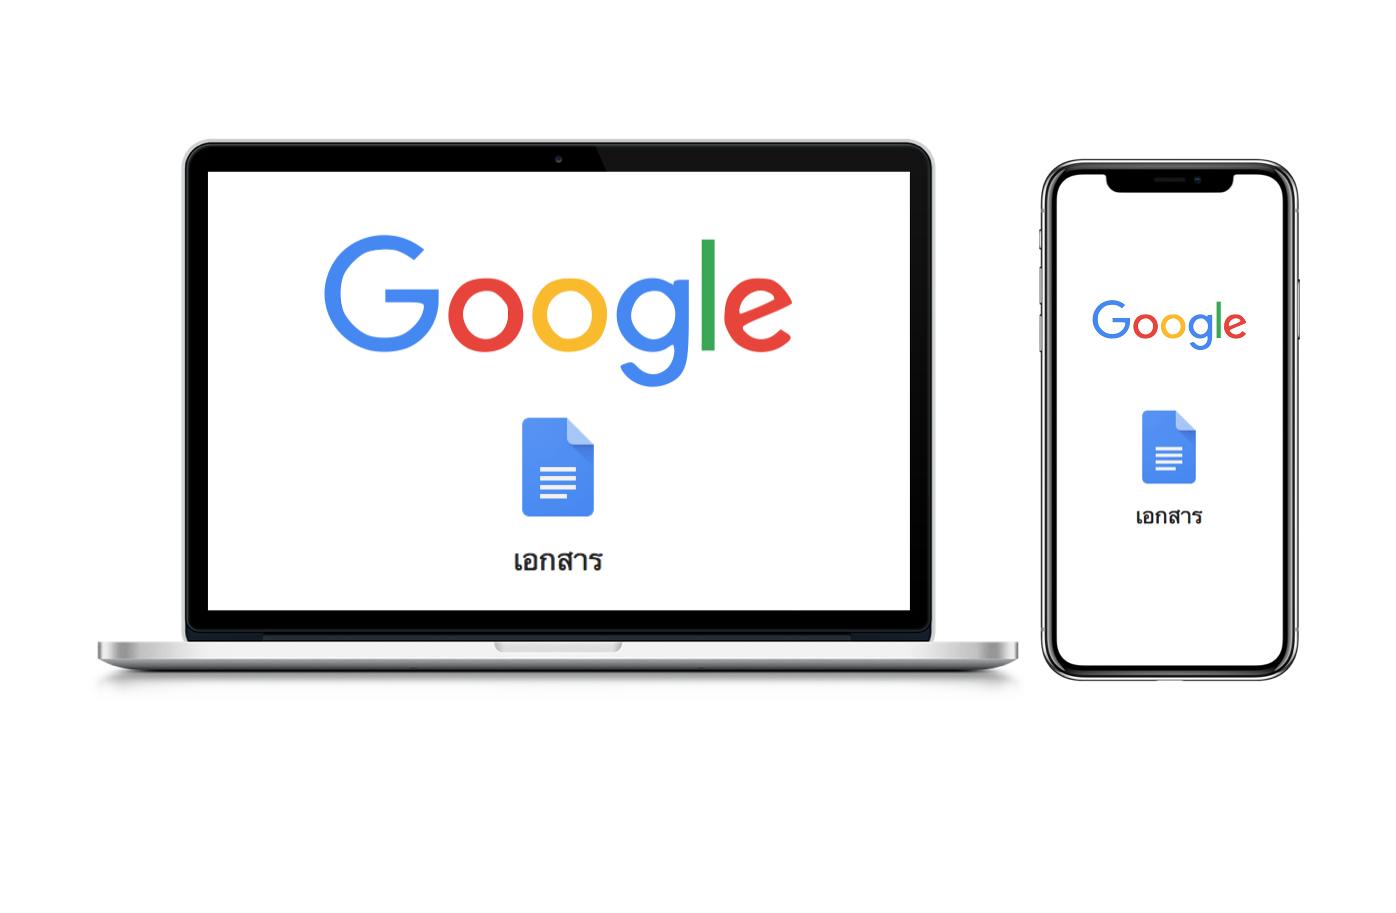 วิธีพิมพ์งานได้บน-google-ทำได้ทั้งคอมและโทรศัพท์โดยไม่ง้อโปรแกรมพิมพ์งาน